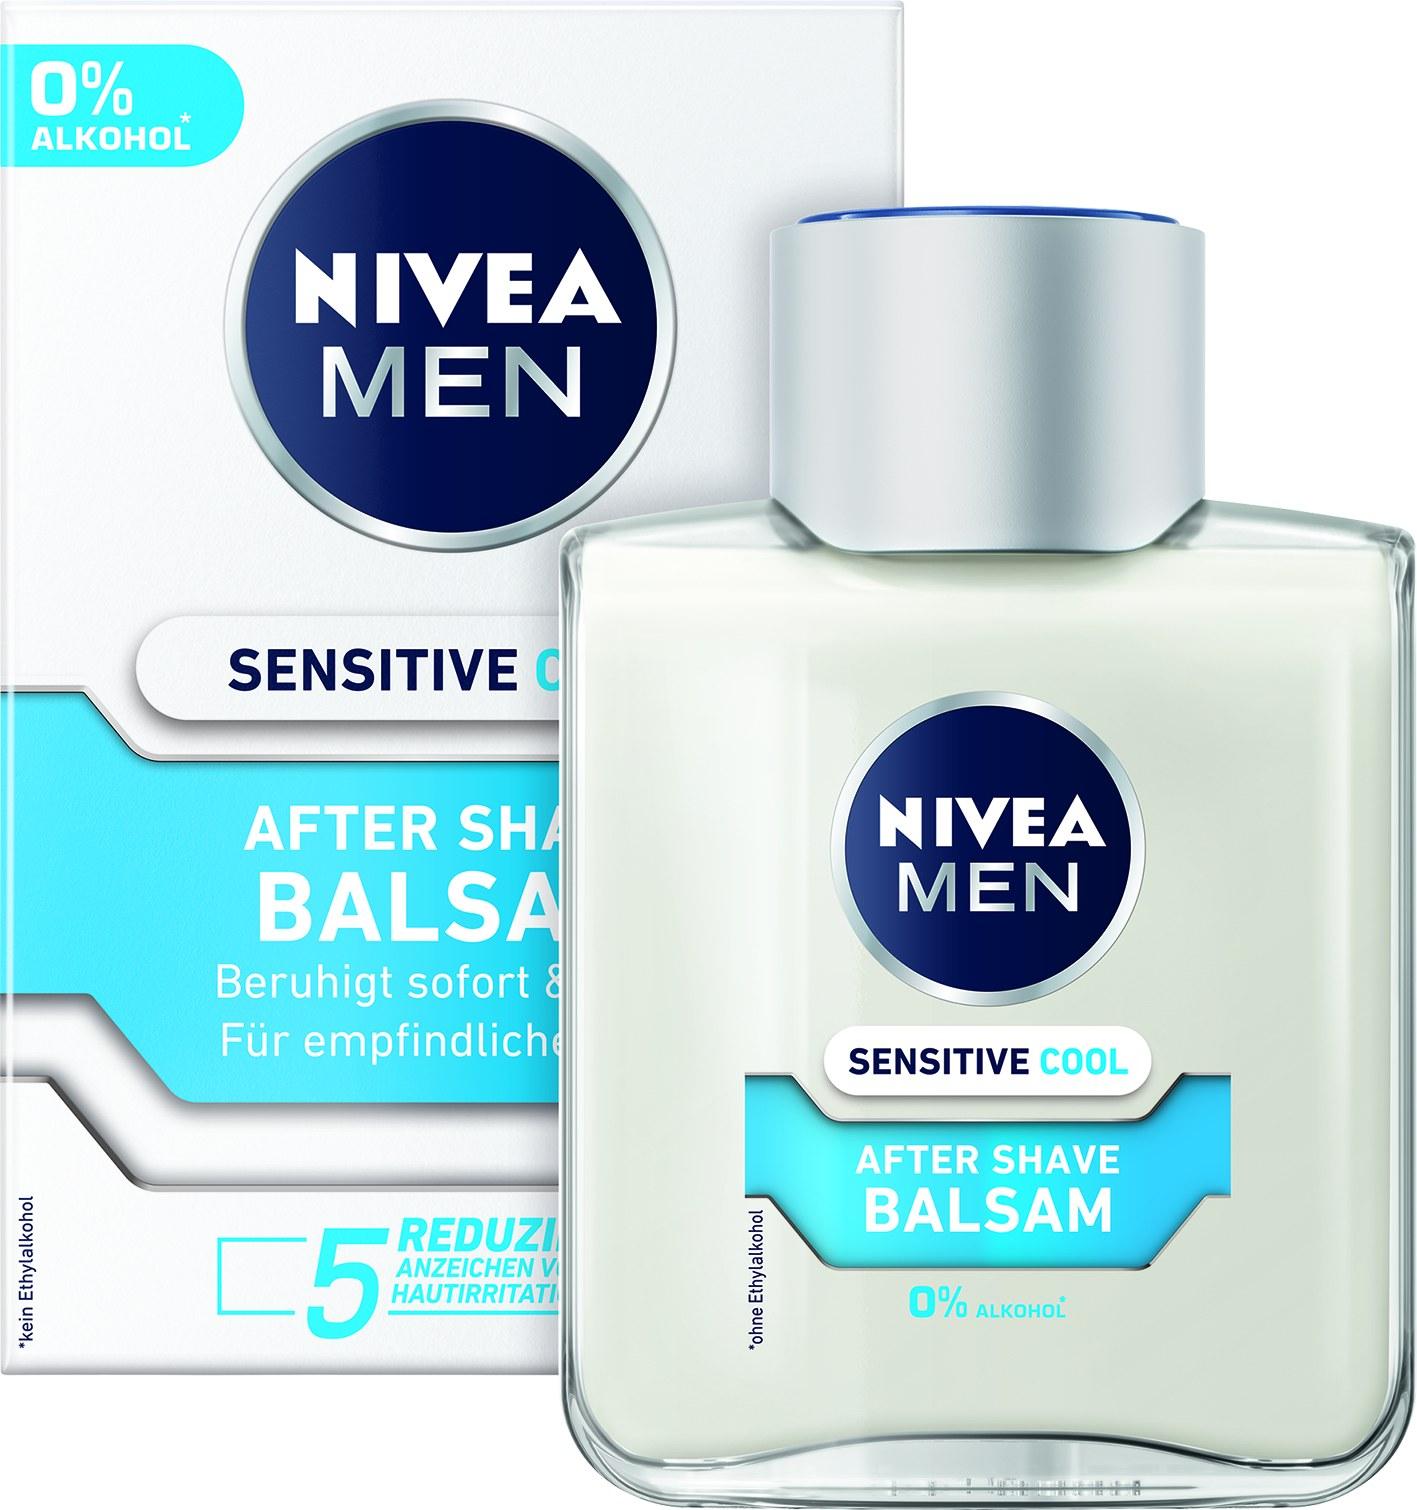 After Shave Balsam sensitiv cool